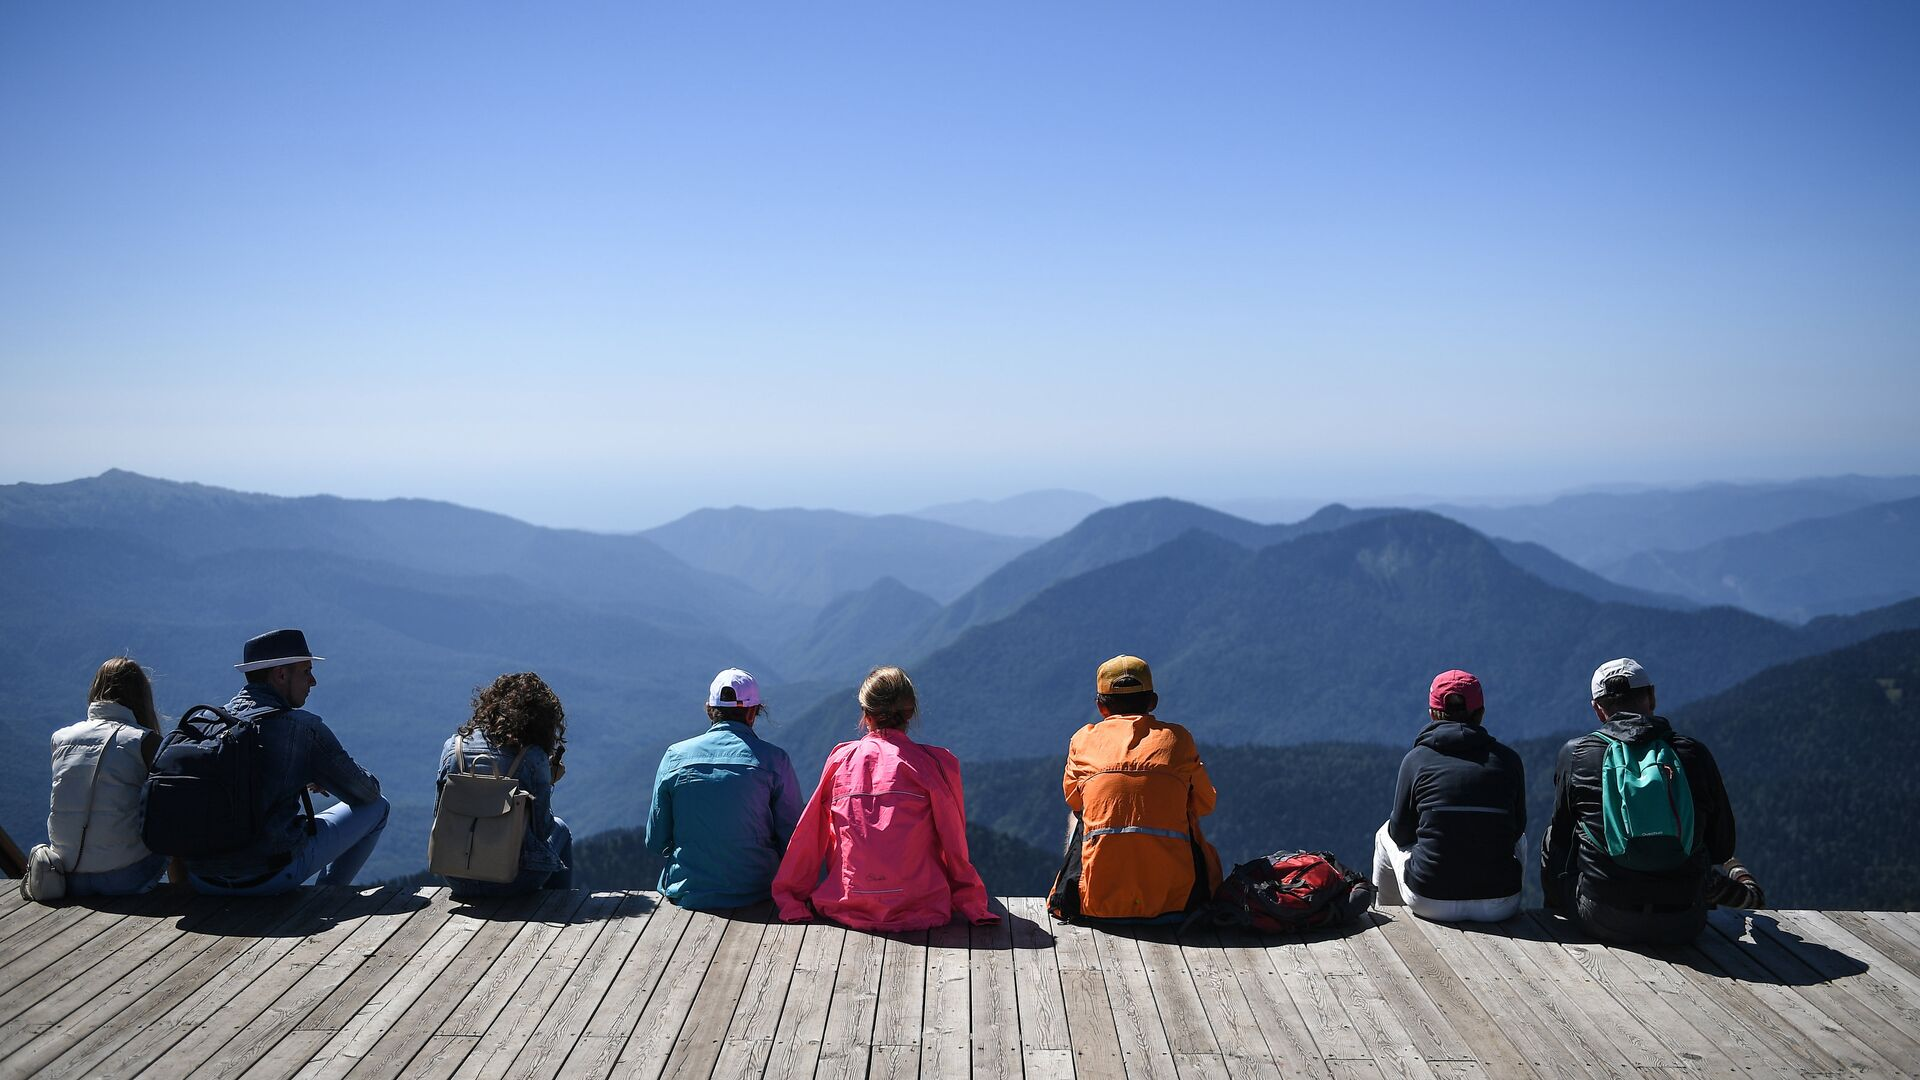 Туристы на обзорной площадке на вершине Роза Пик на высоте 2320 метров. - РИА Новости, 1920, 23.05.2021